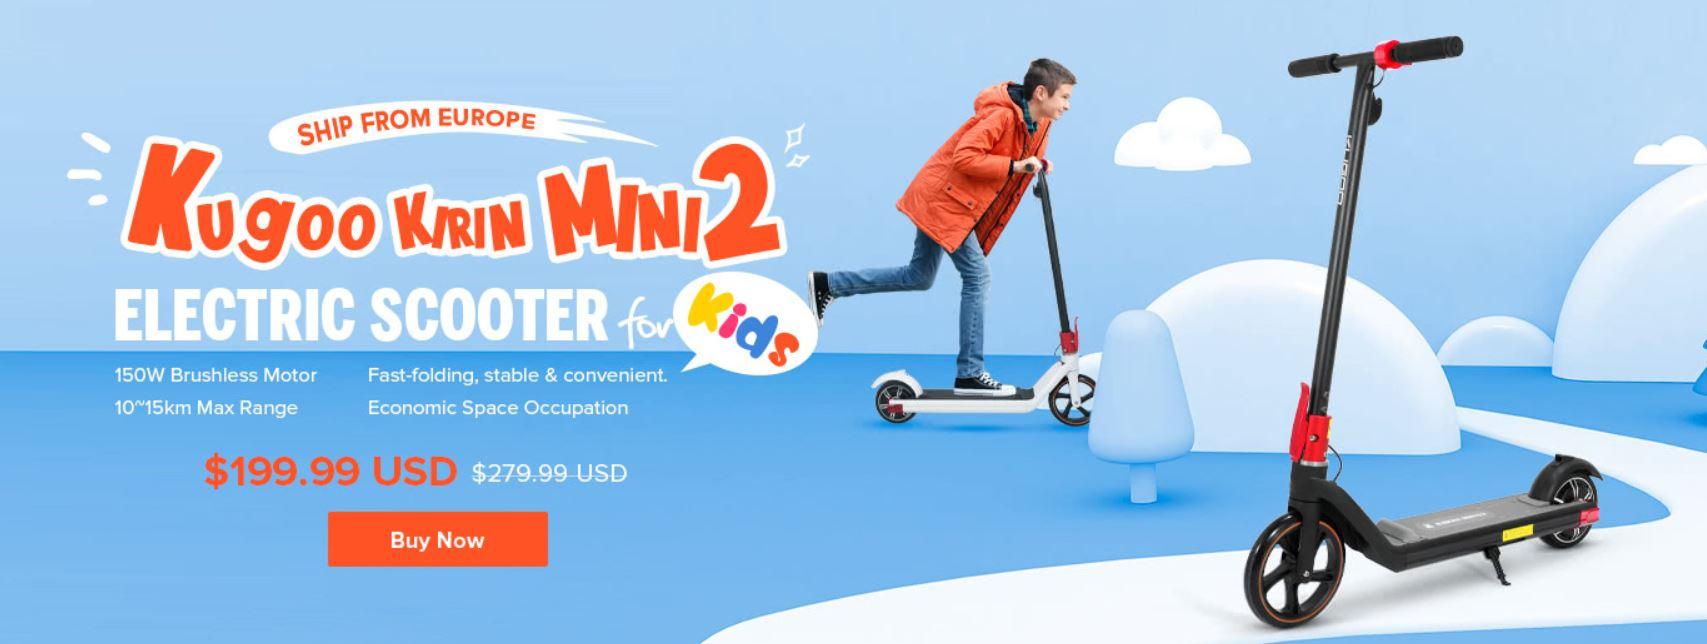 Kugoo Kirin Mini2 - promocja młodzieżowej hulajnogi elektrycznej - wyprzedaż